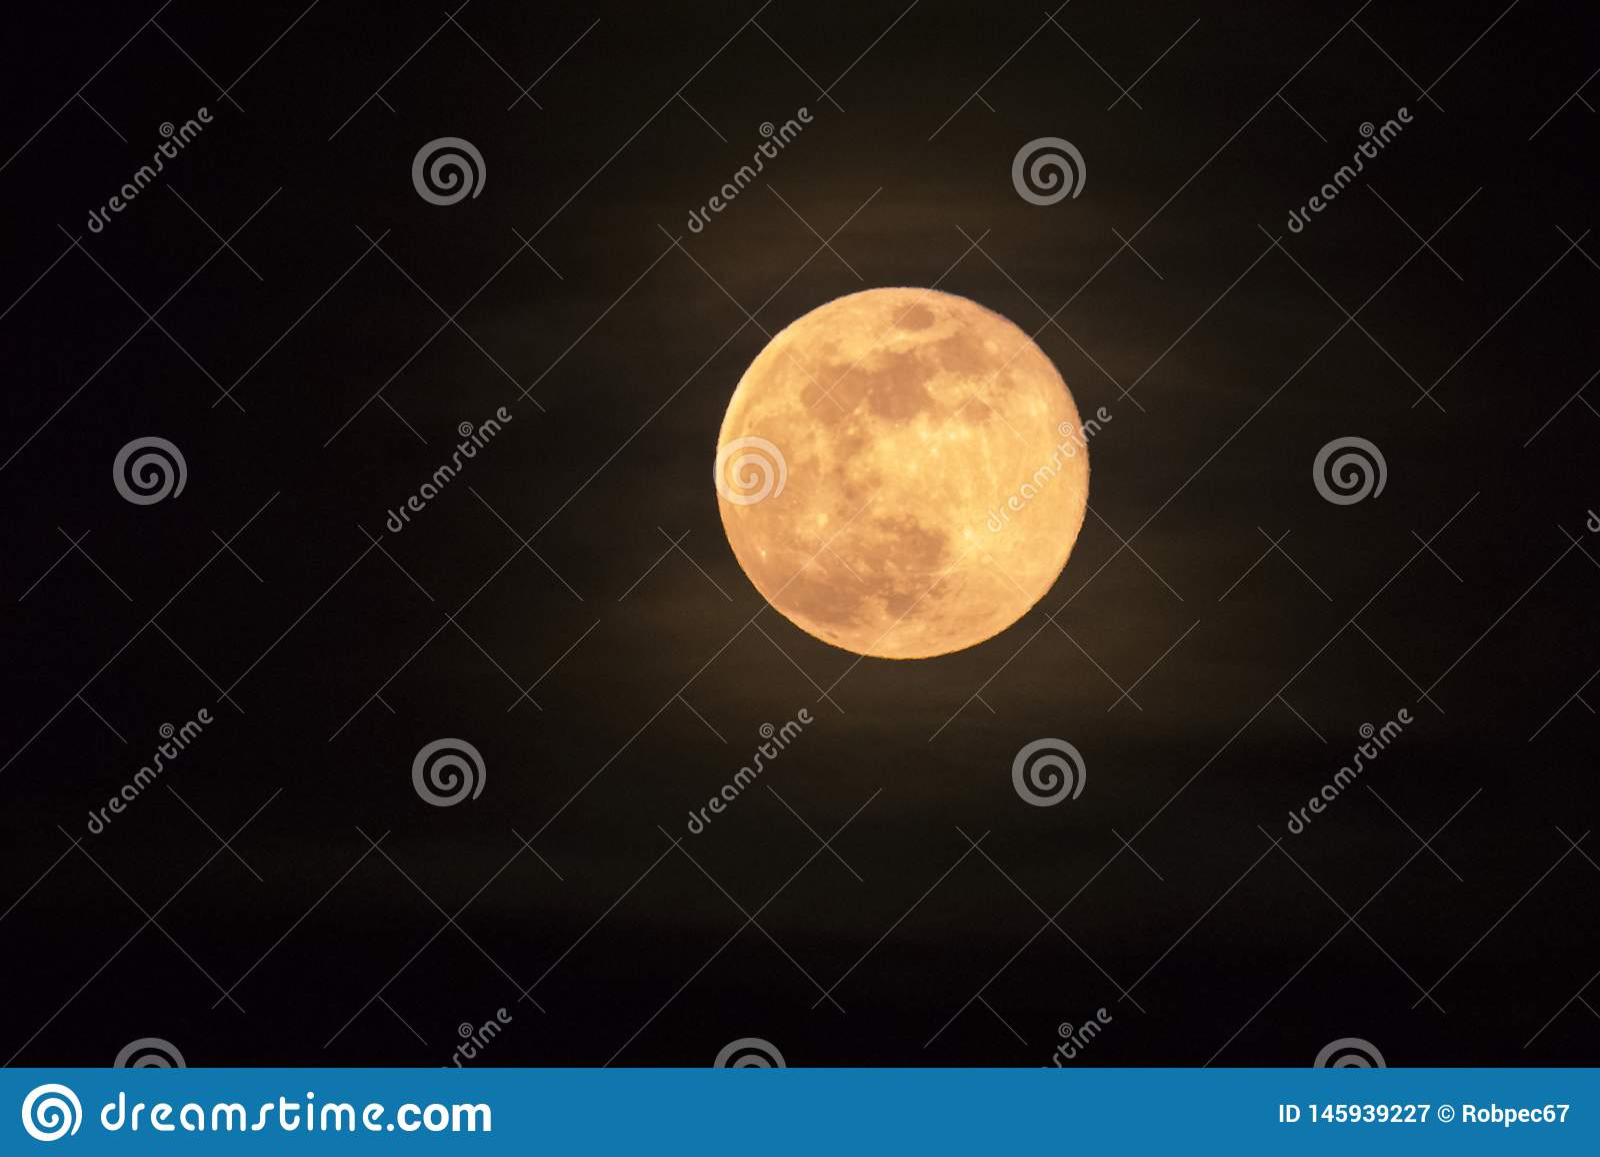 Italy Tuscany Castiglione della Pescaia, pink full moon night, panoramic night picture